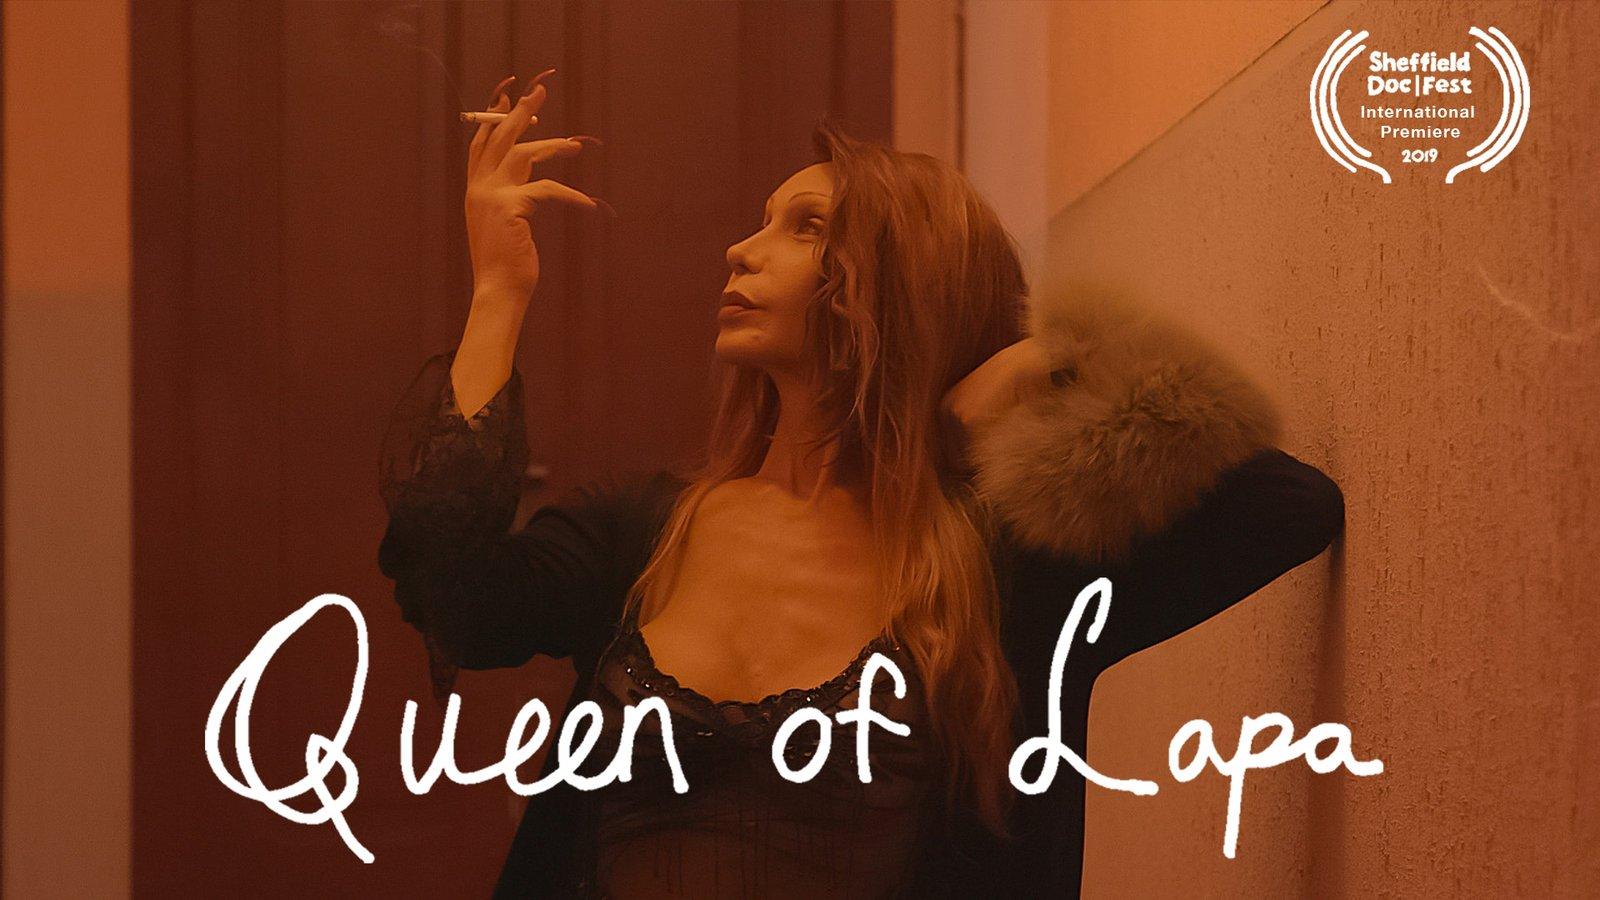 Queen of Lapa